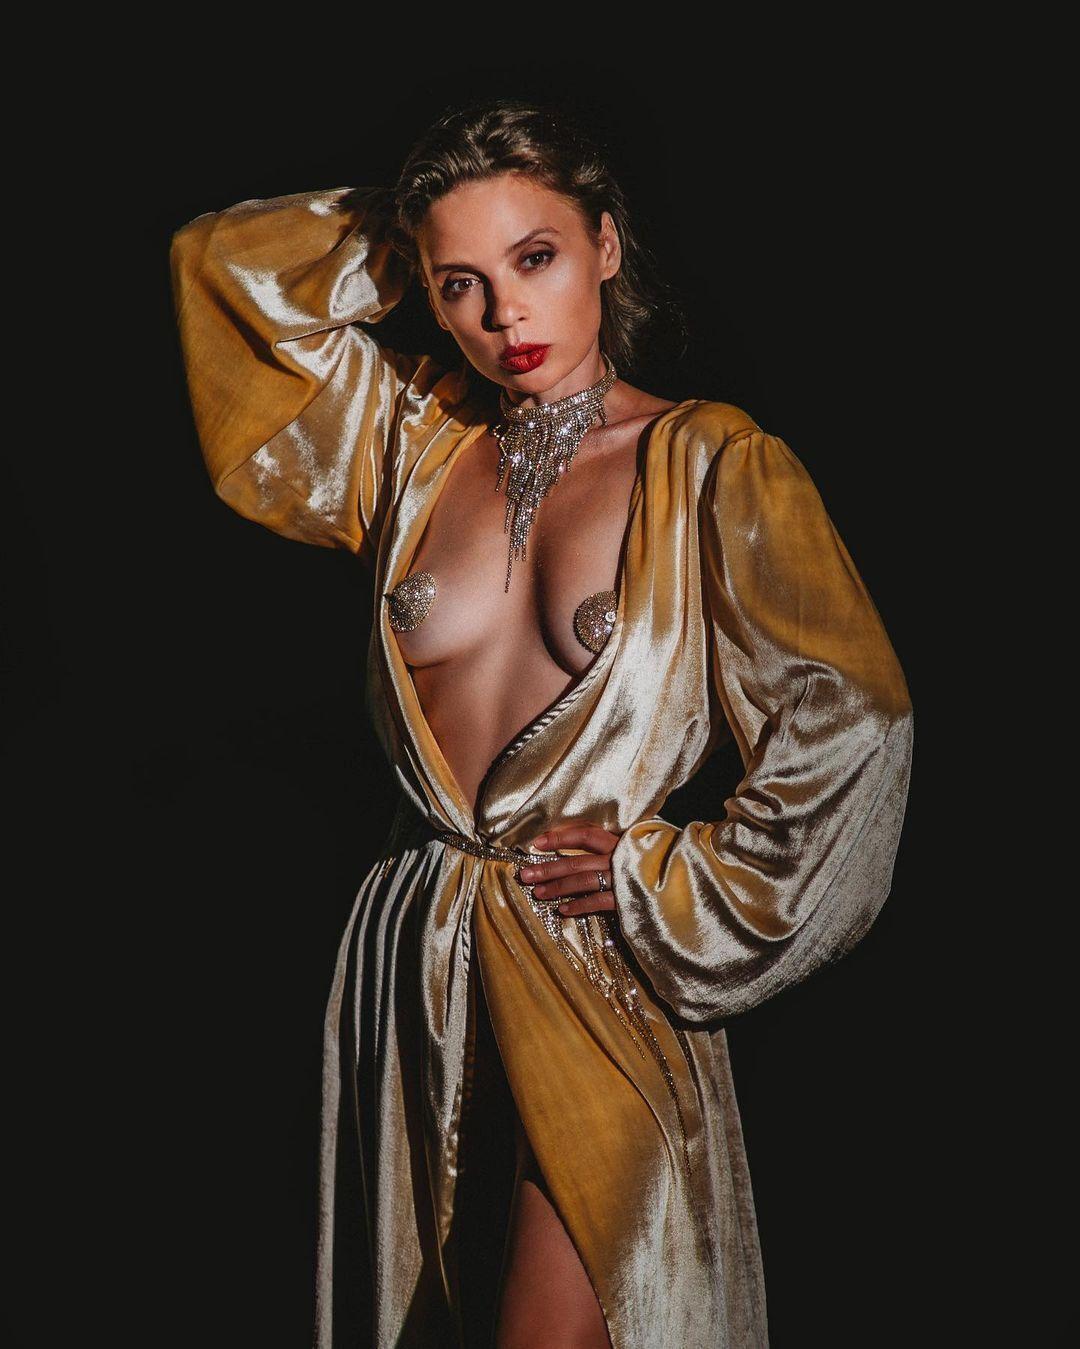 Ирена Карпа показала голую грудь